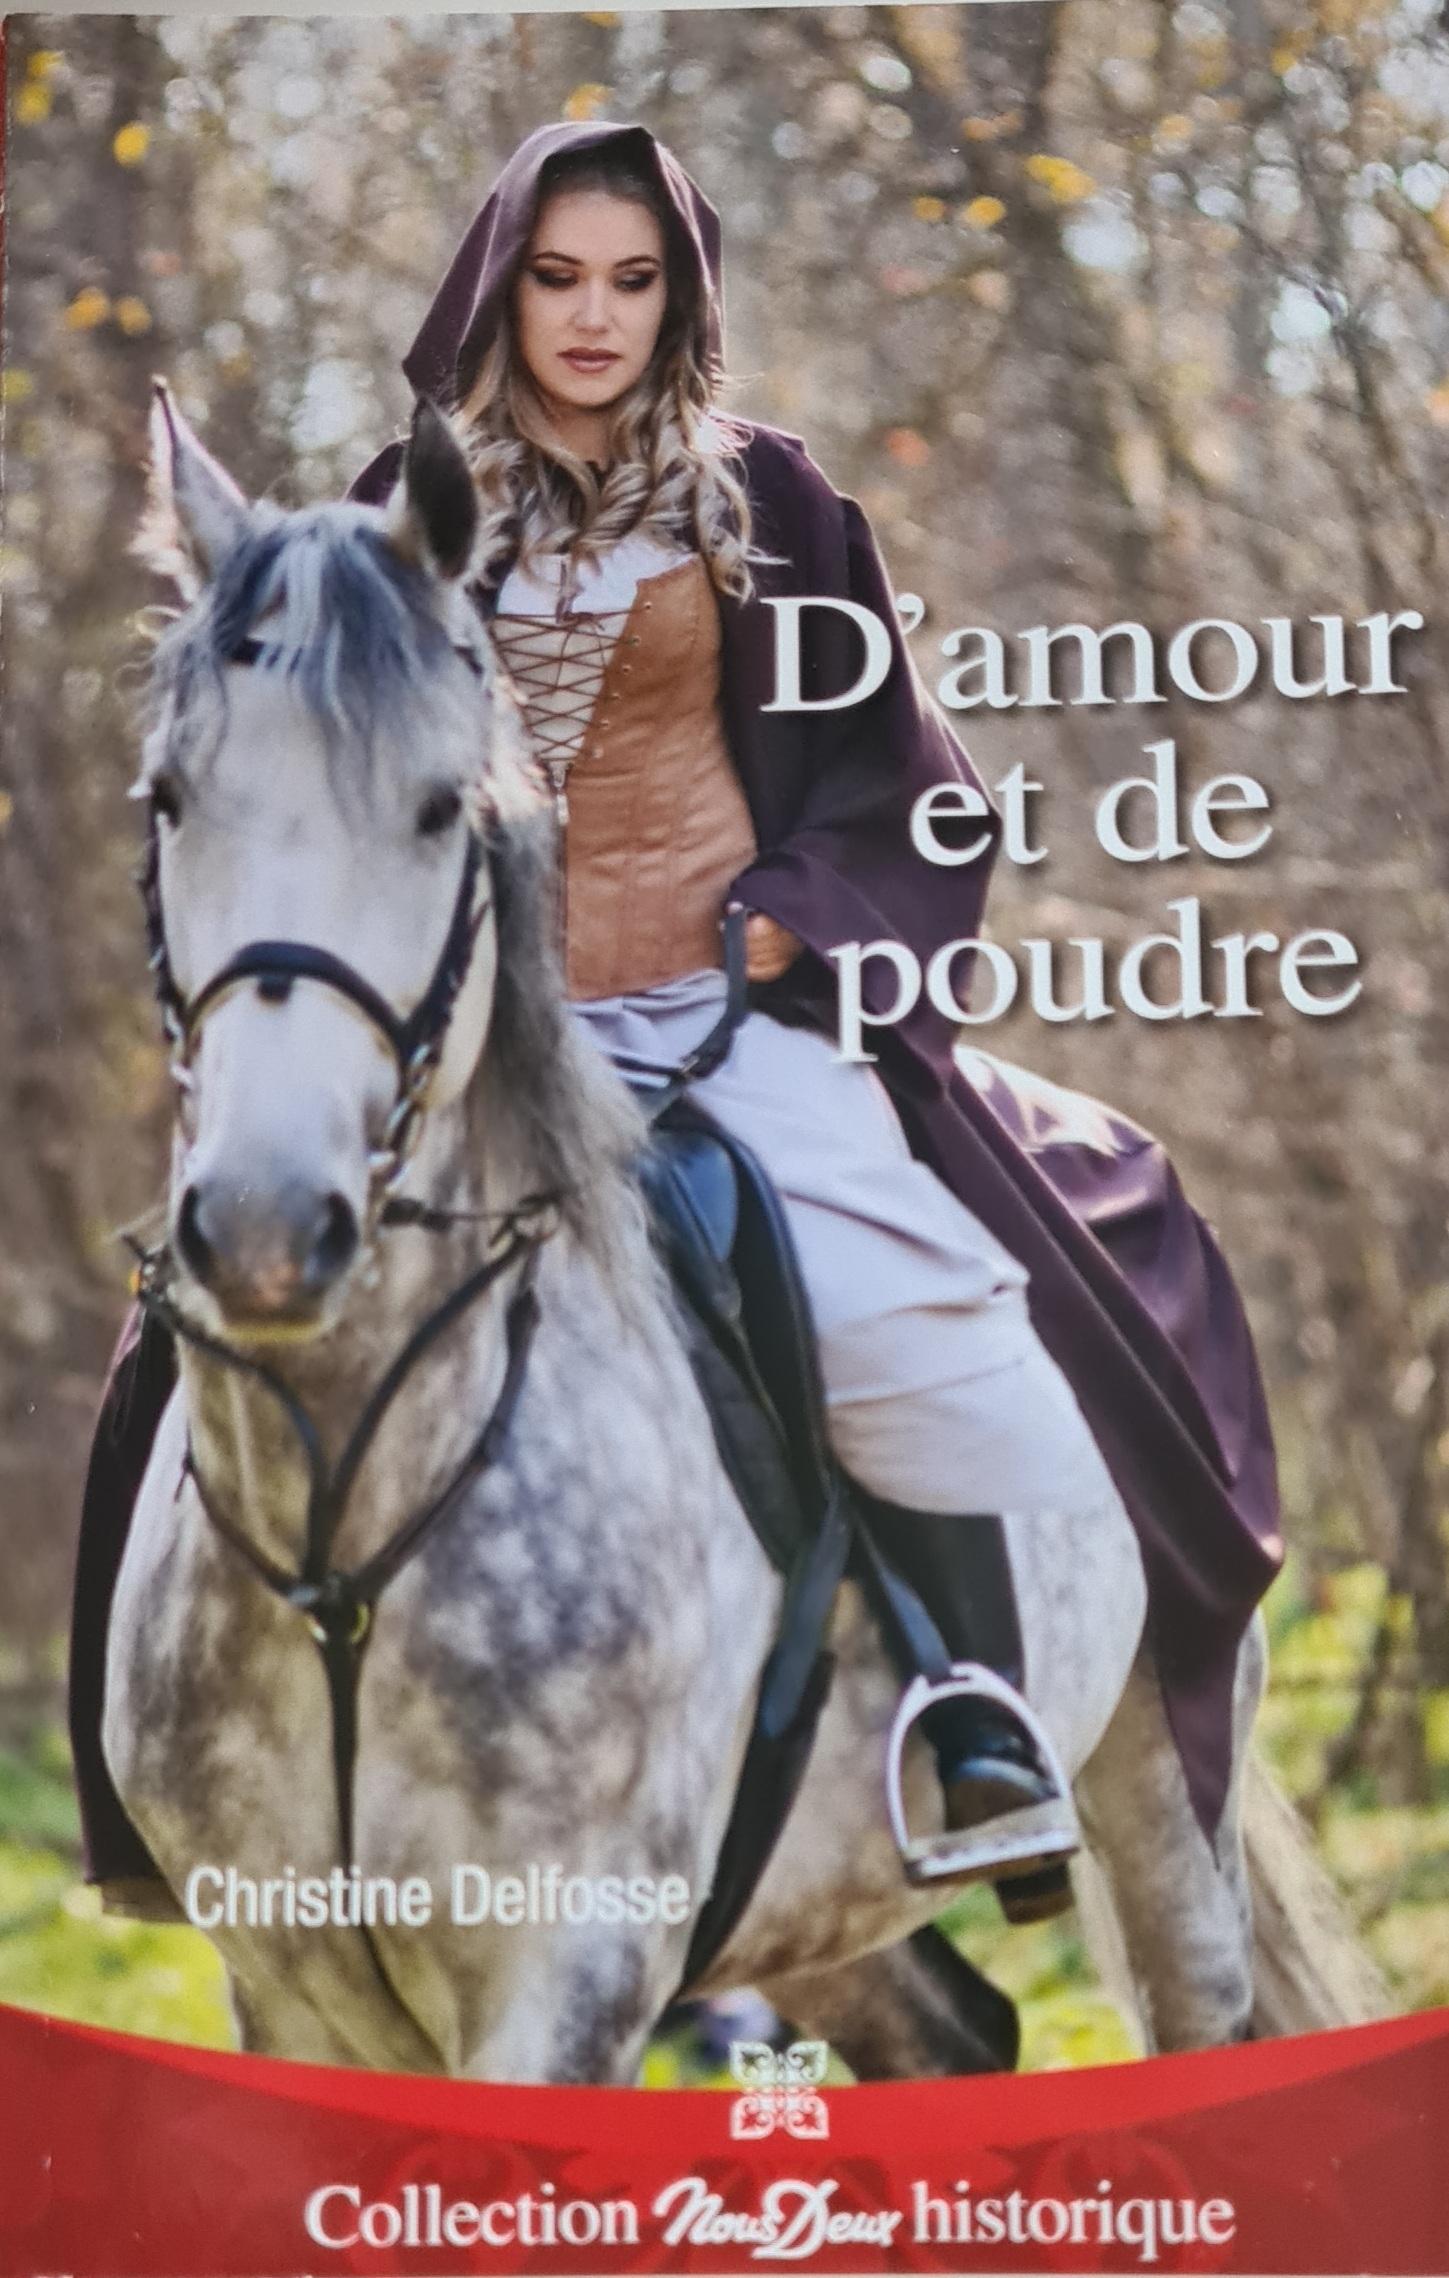 cdn1.booknode.com/book_cover/1438/full/damour-et-de-poudre-1437974.jpg